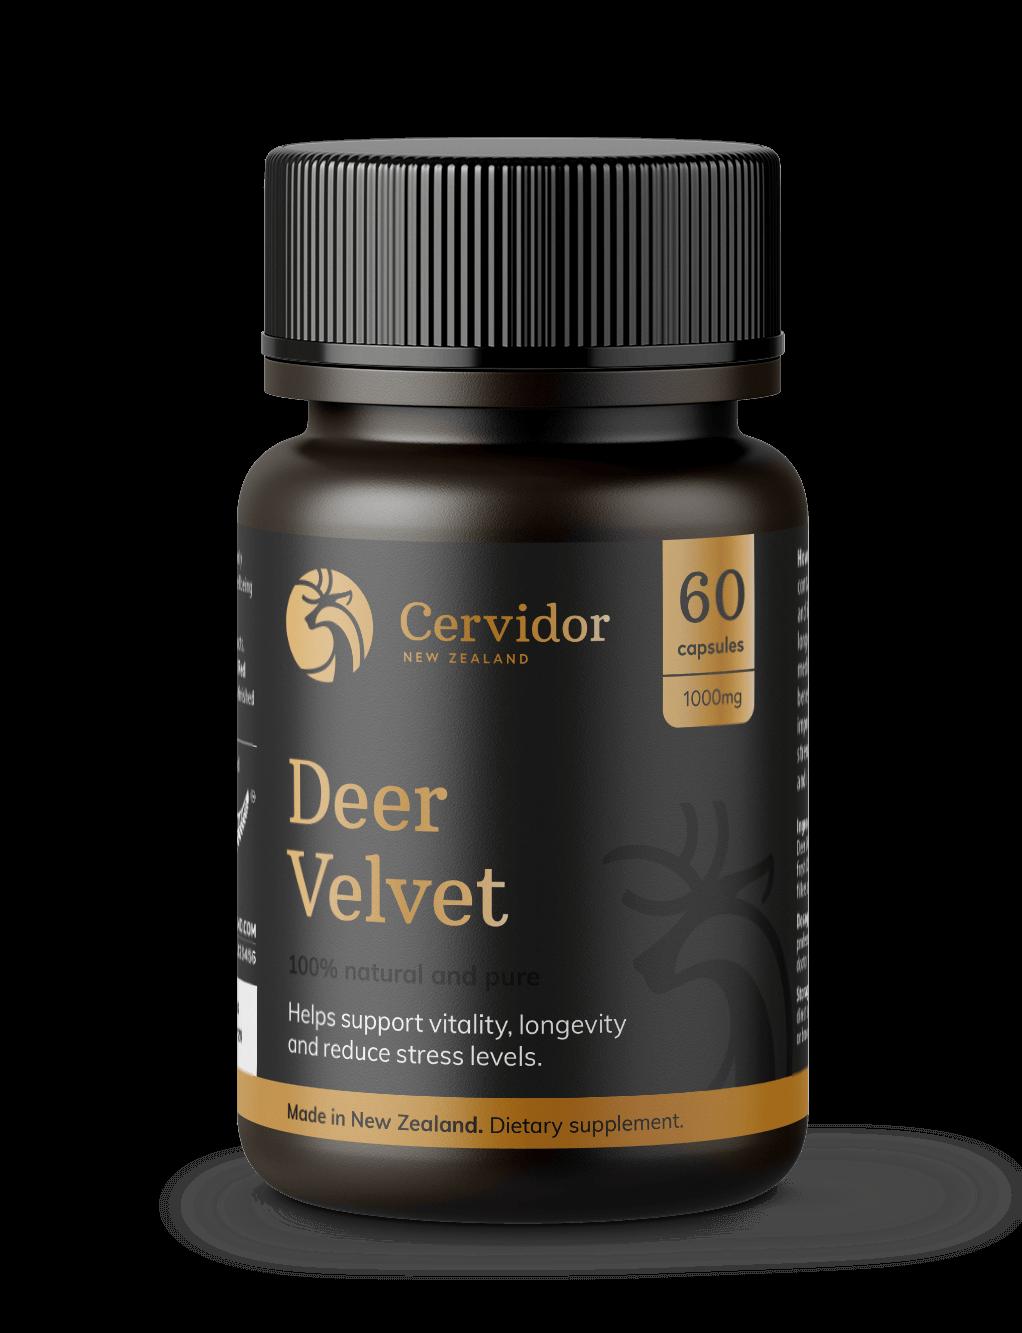 Deer Velvet Capsules